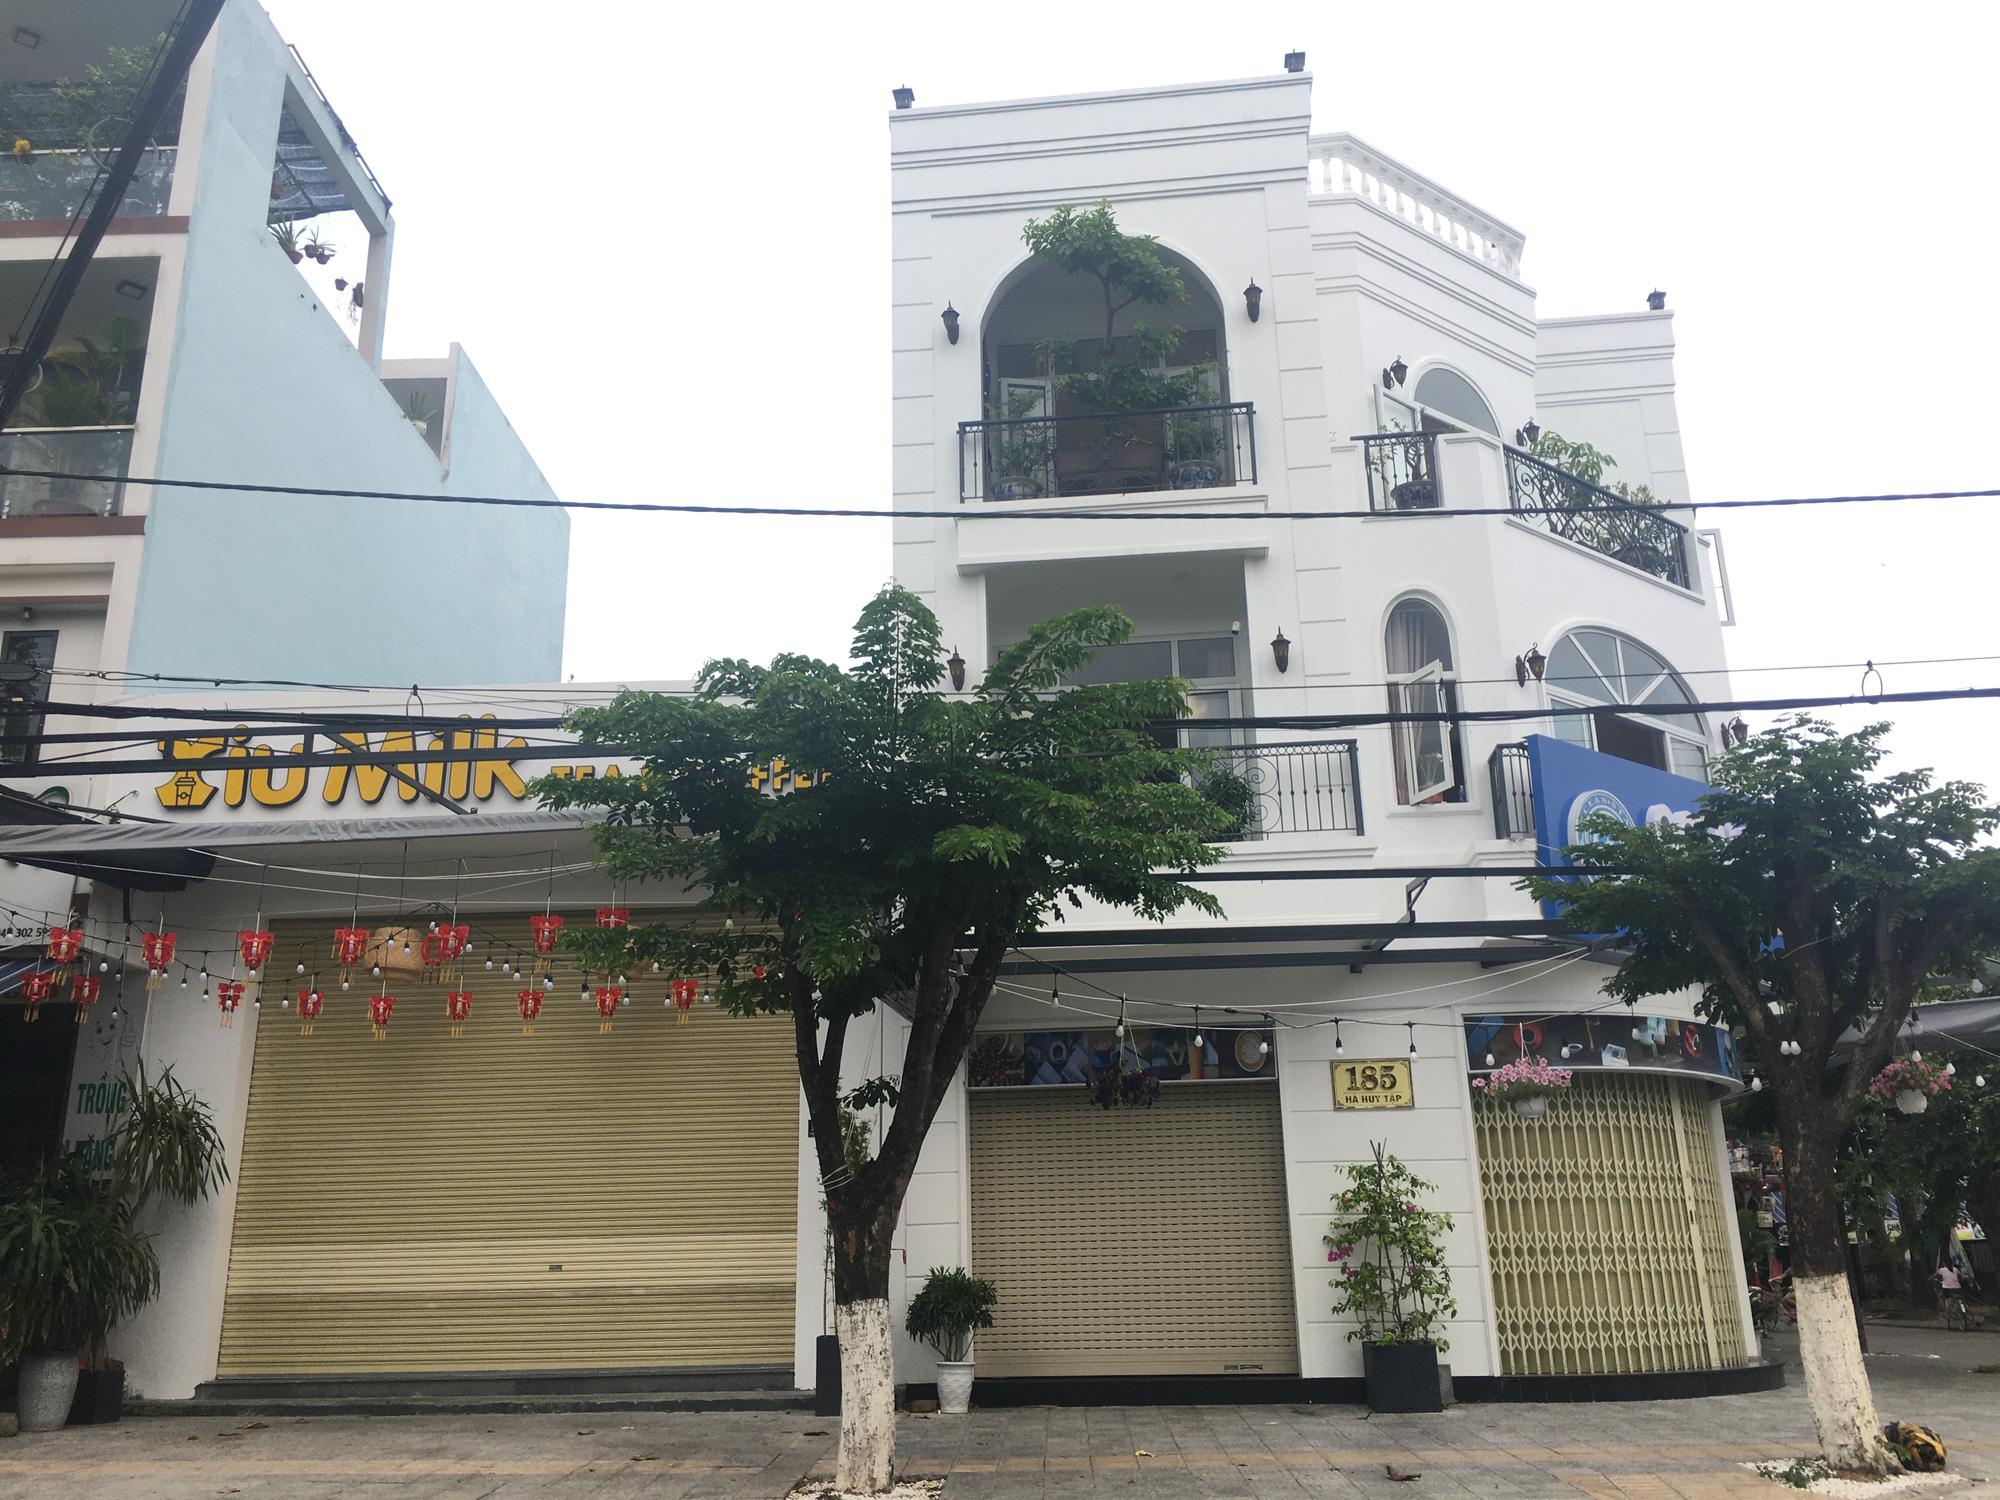 Người Đà Nẵng đi siêu thị mua về nấu ăn dù chính quyền đã cho hàng quán bán online, mang về nhà - Ảnh 9.